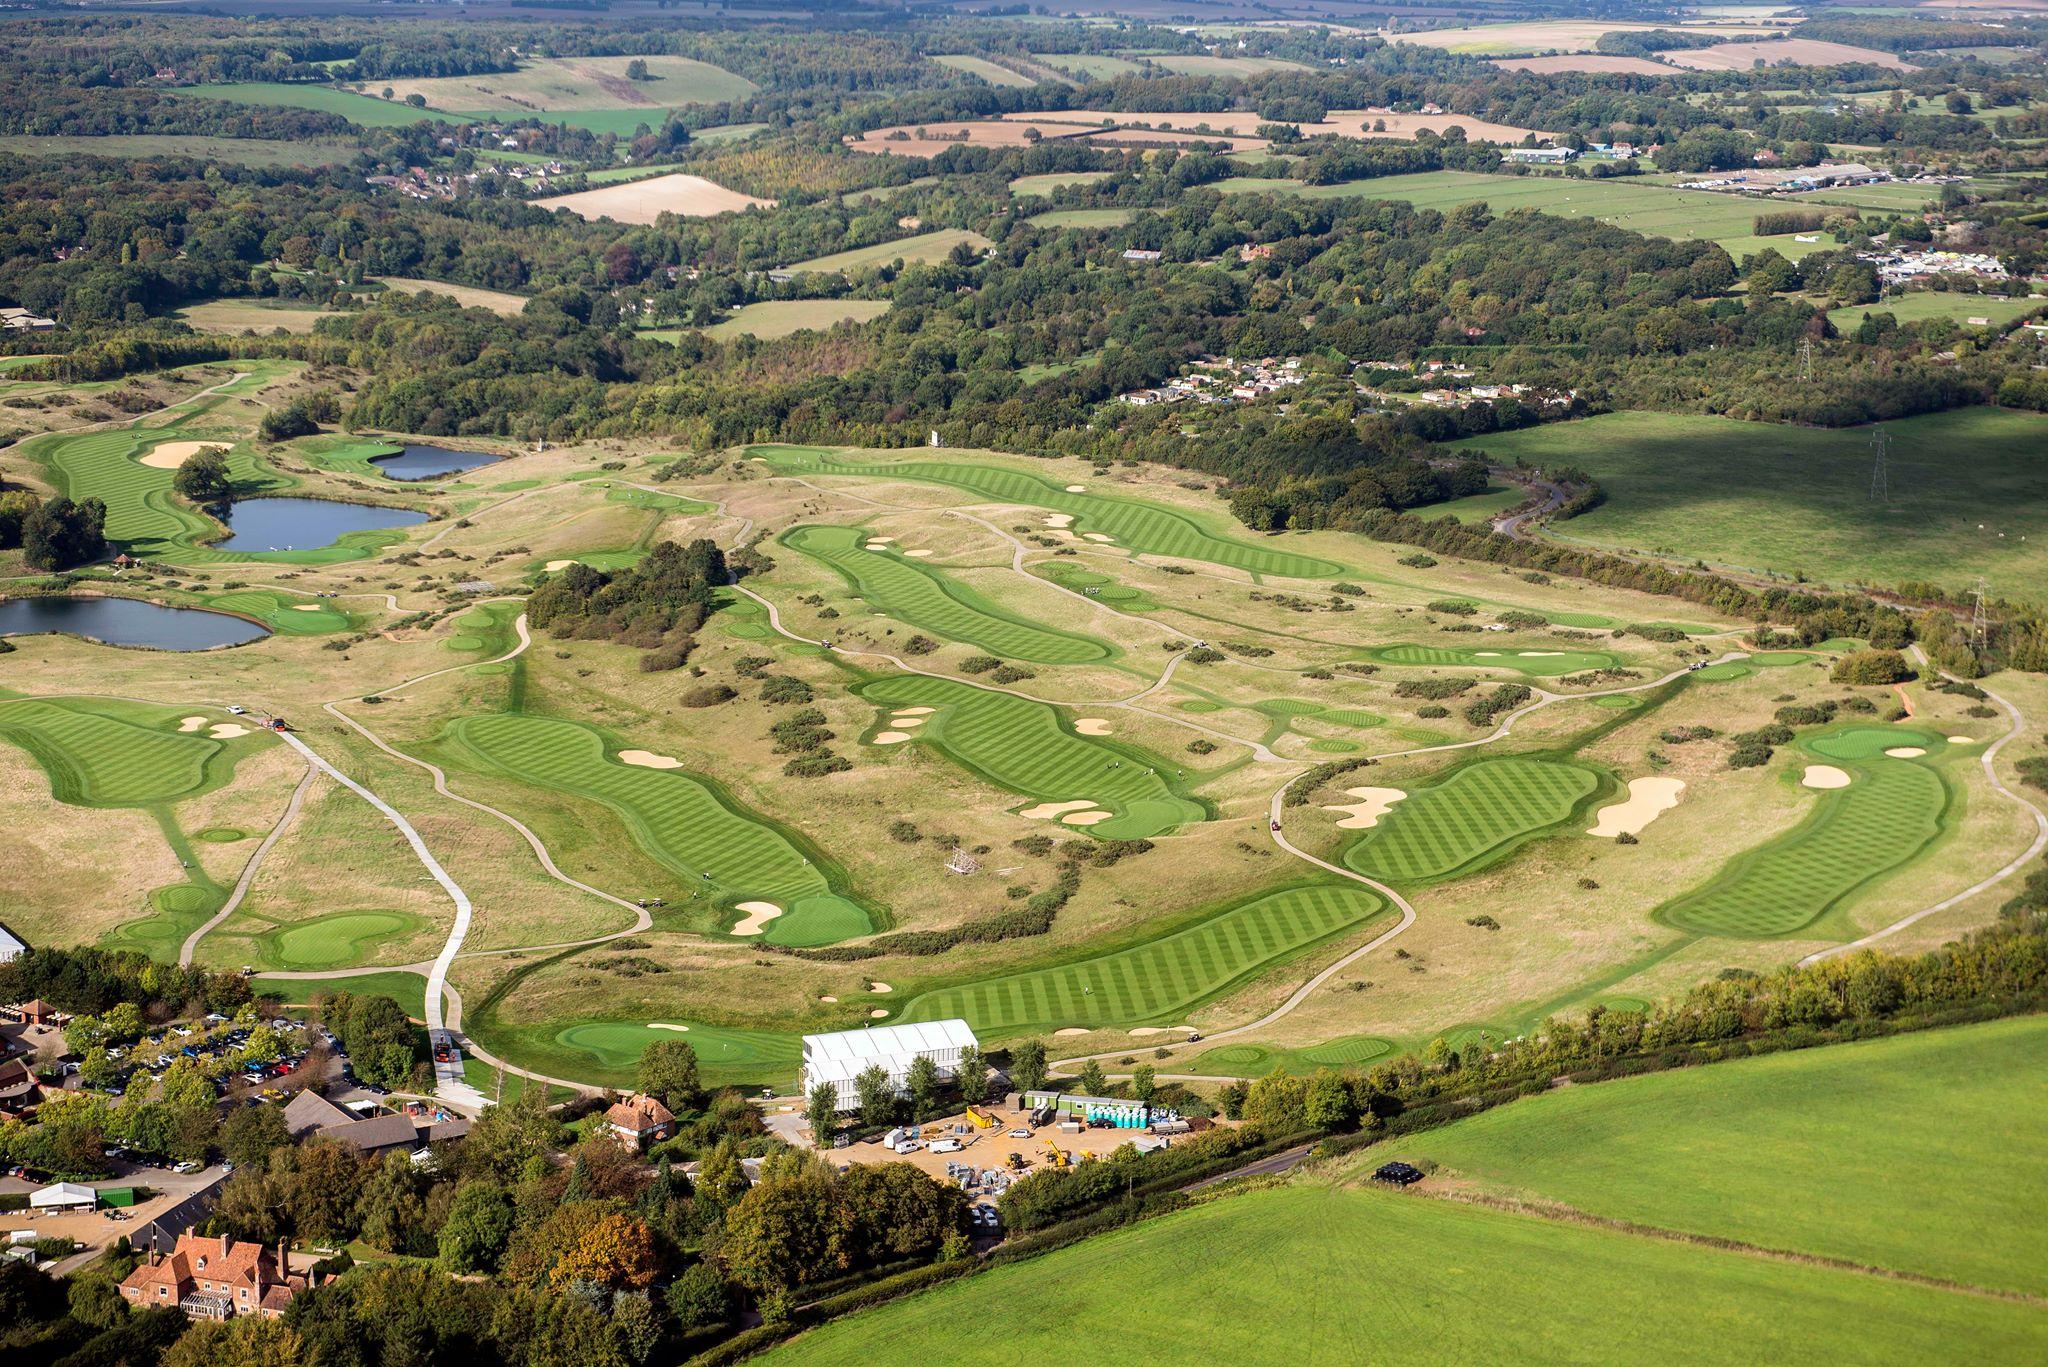 London Golf Club - Deux parcours de championnat - Lecoingolf